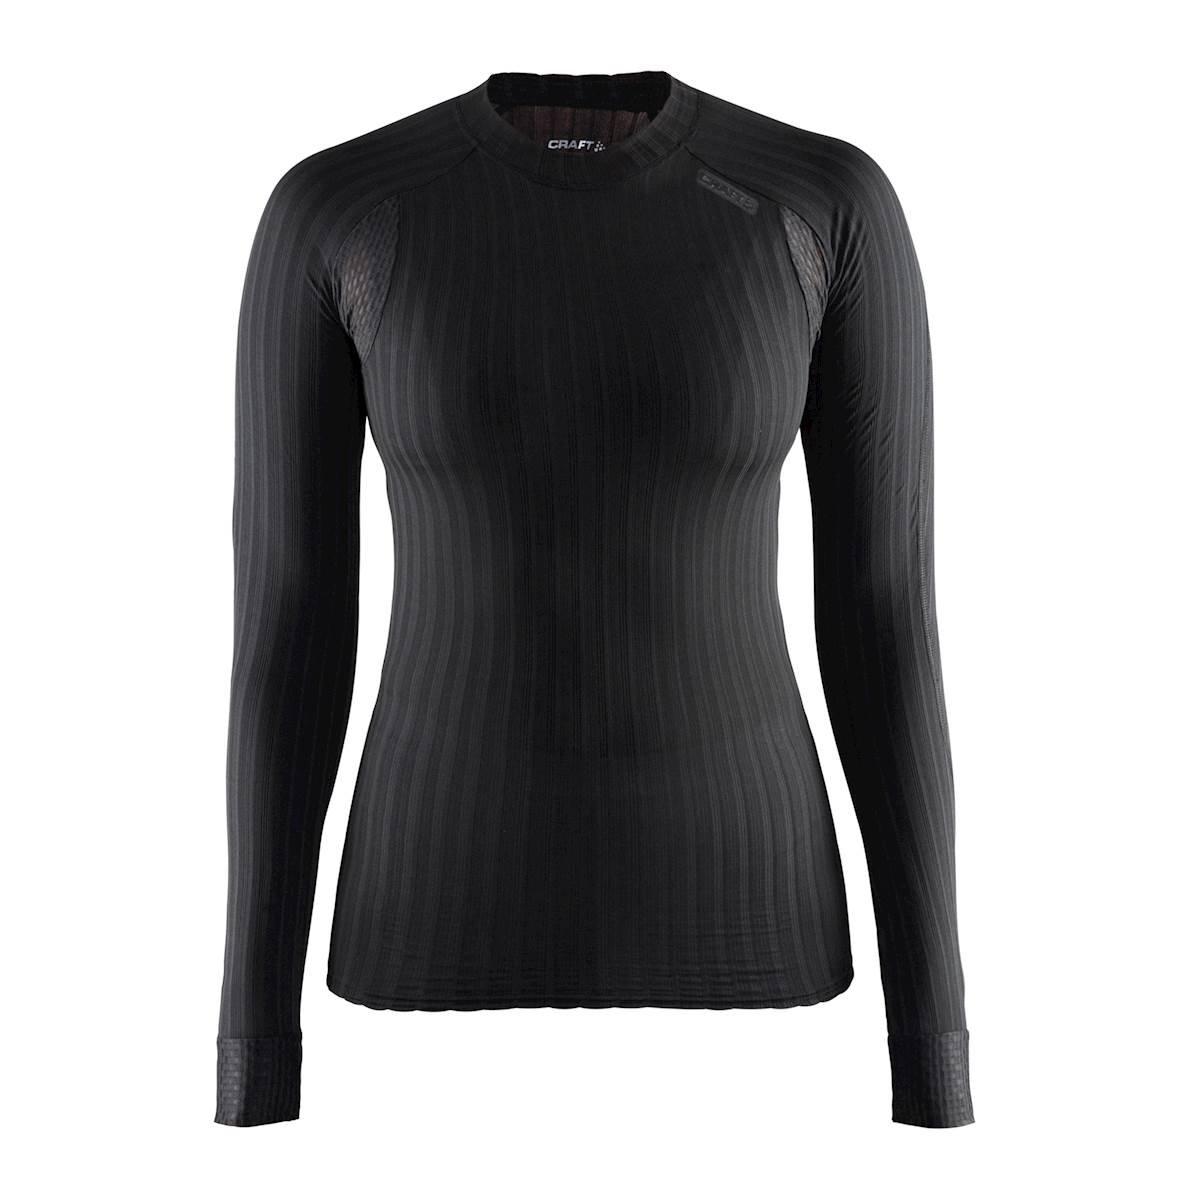 2707837aaa3 Dámské tričko CRAFT Active Extreme 2.0 dlouhý rukáv W - Helia Sport